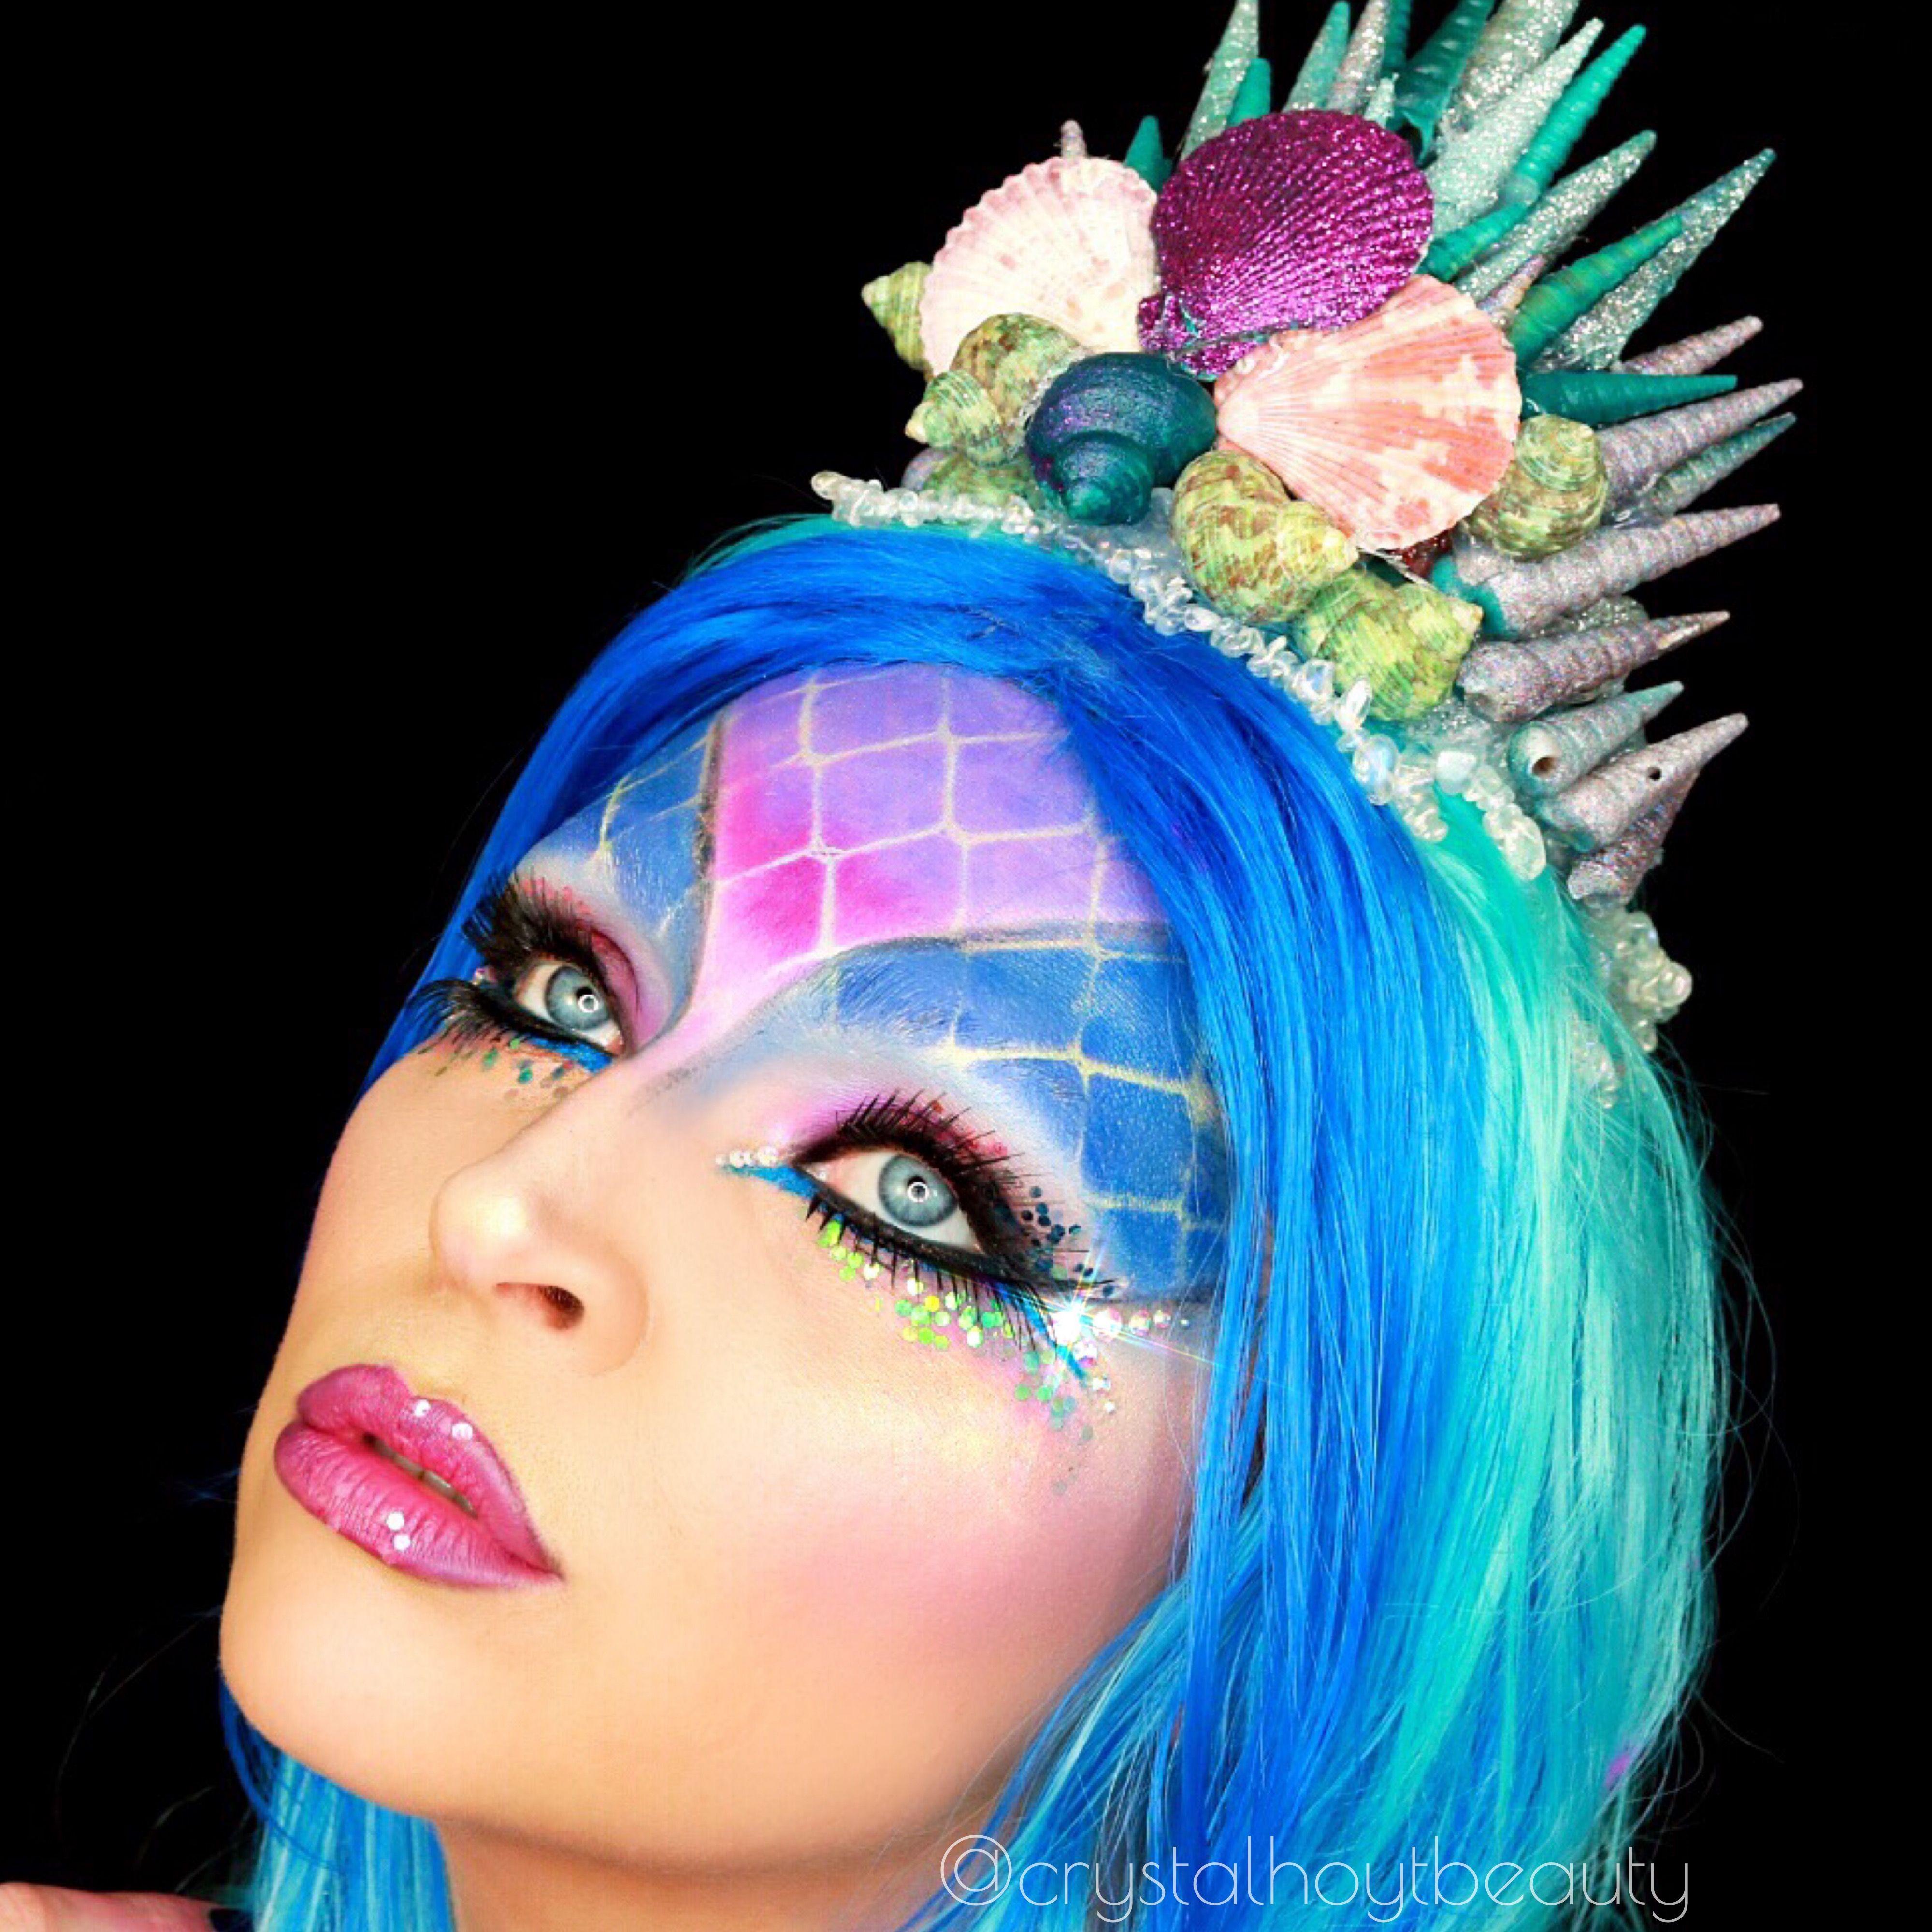 Mermaid Makeup Tutorial Glitter Mermaid Makeup Stunning Mermaid Halloween Costume How To Apply Mer Mermaid Makeup Tutorial Mermaid Makeup Makeup Tutorial